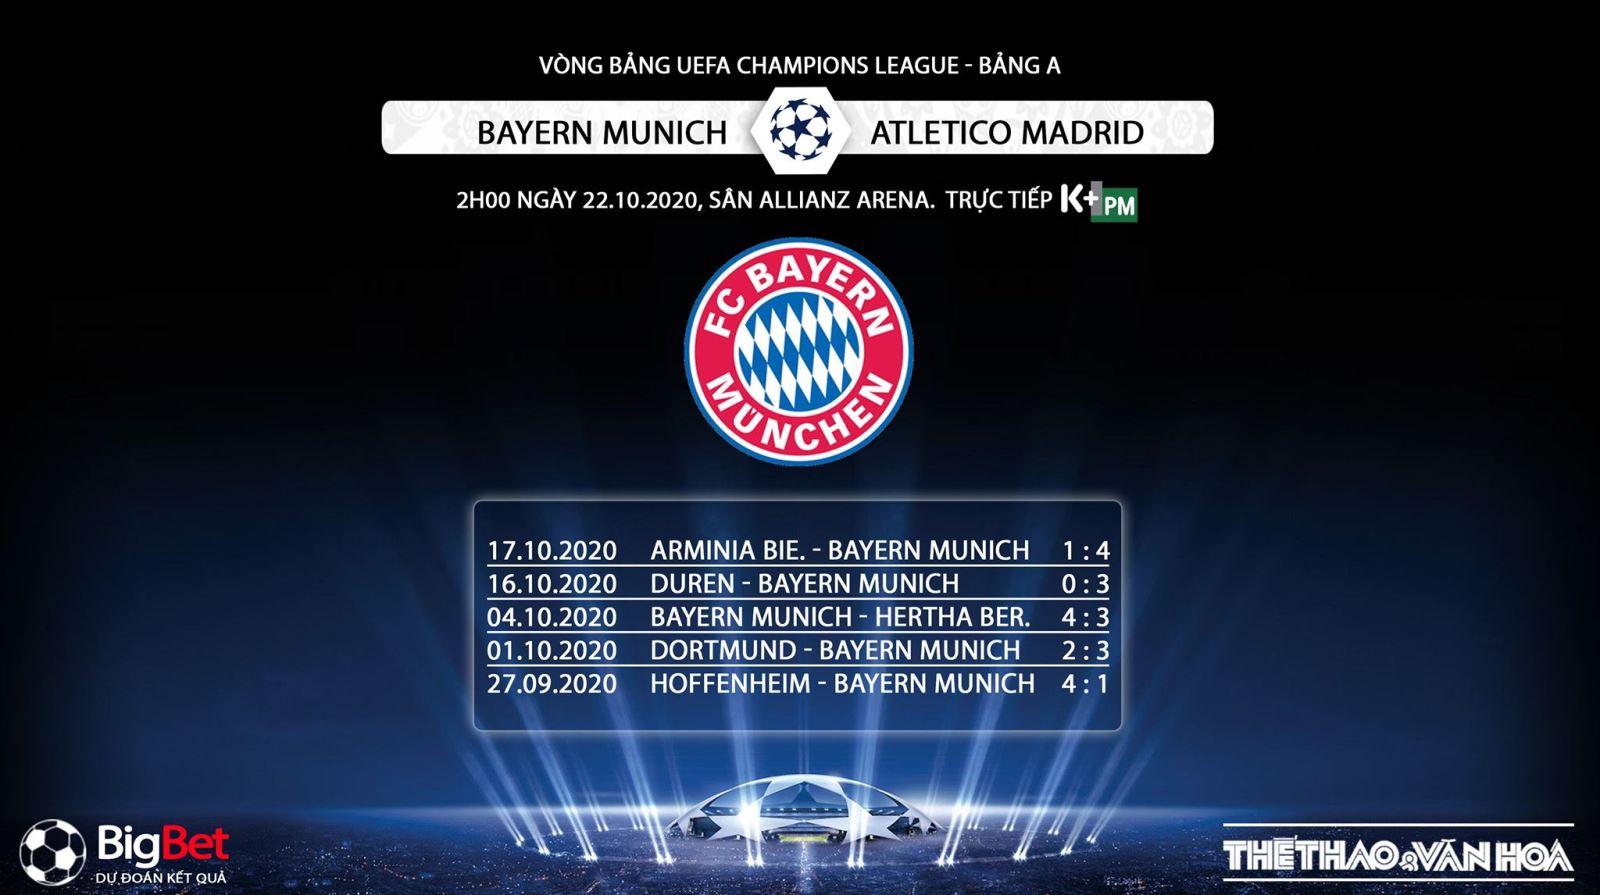 Keo nha cai, kèo nhà cái, Bayern Munich vs Atletico Madrid, Trực tiếp bóng đá Cúp C1 châu Âu, K+PM, trực tiếp bóng đá Bayern Munich đấu với Atletico Madrid, kèo bóng đá